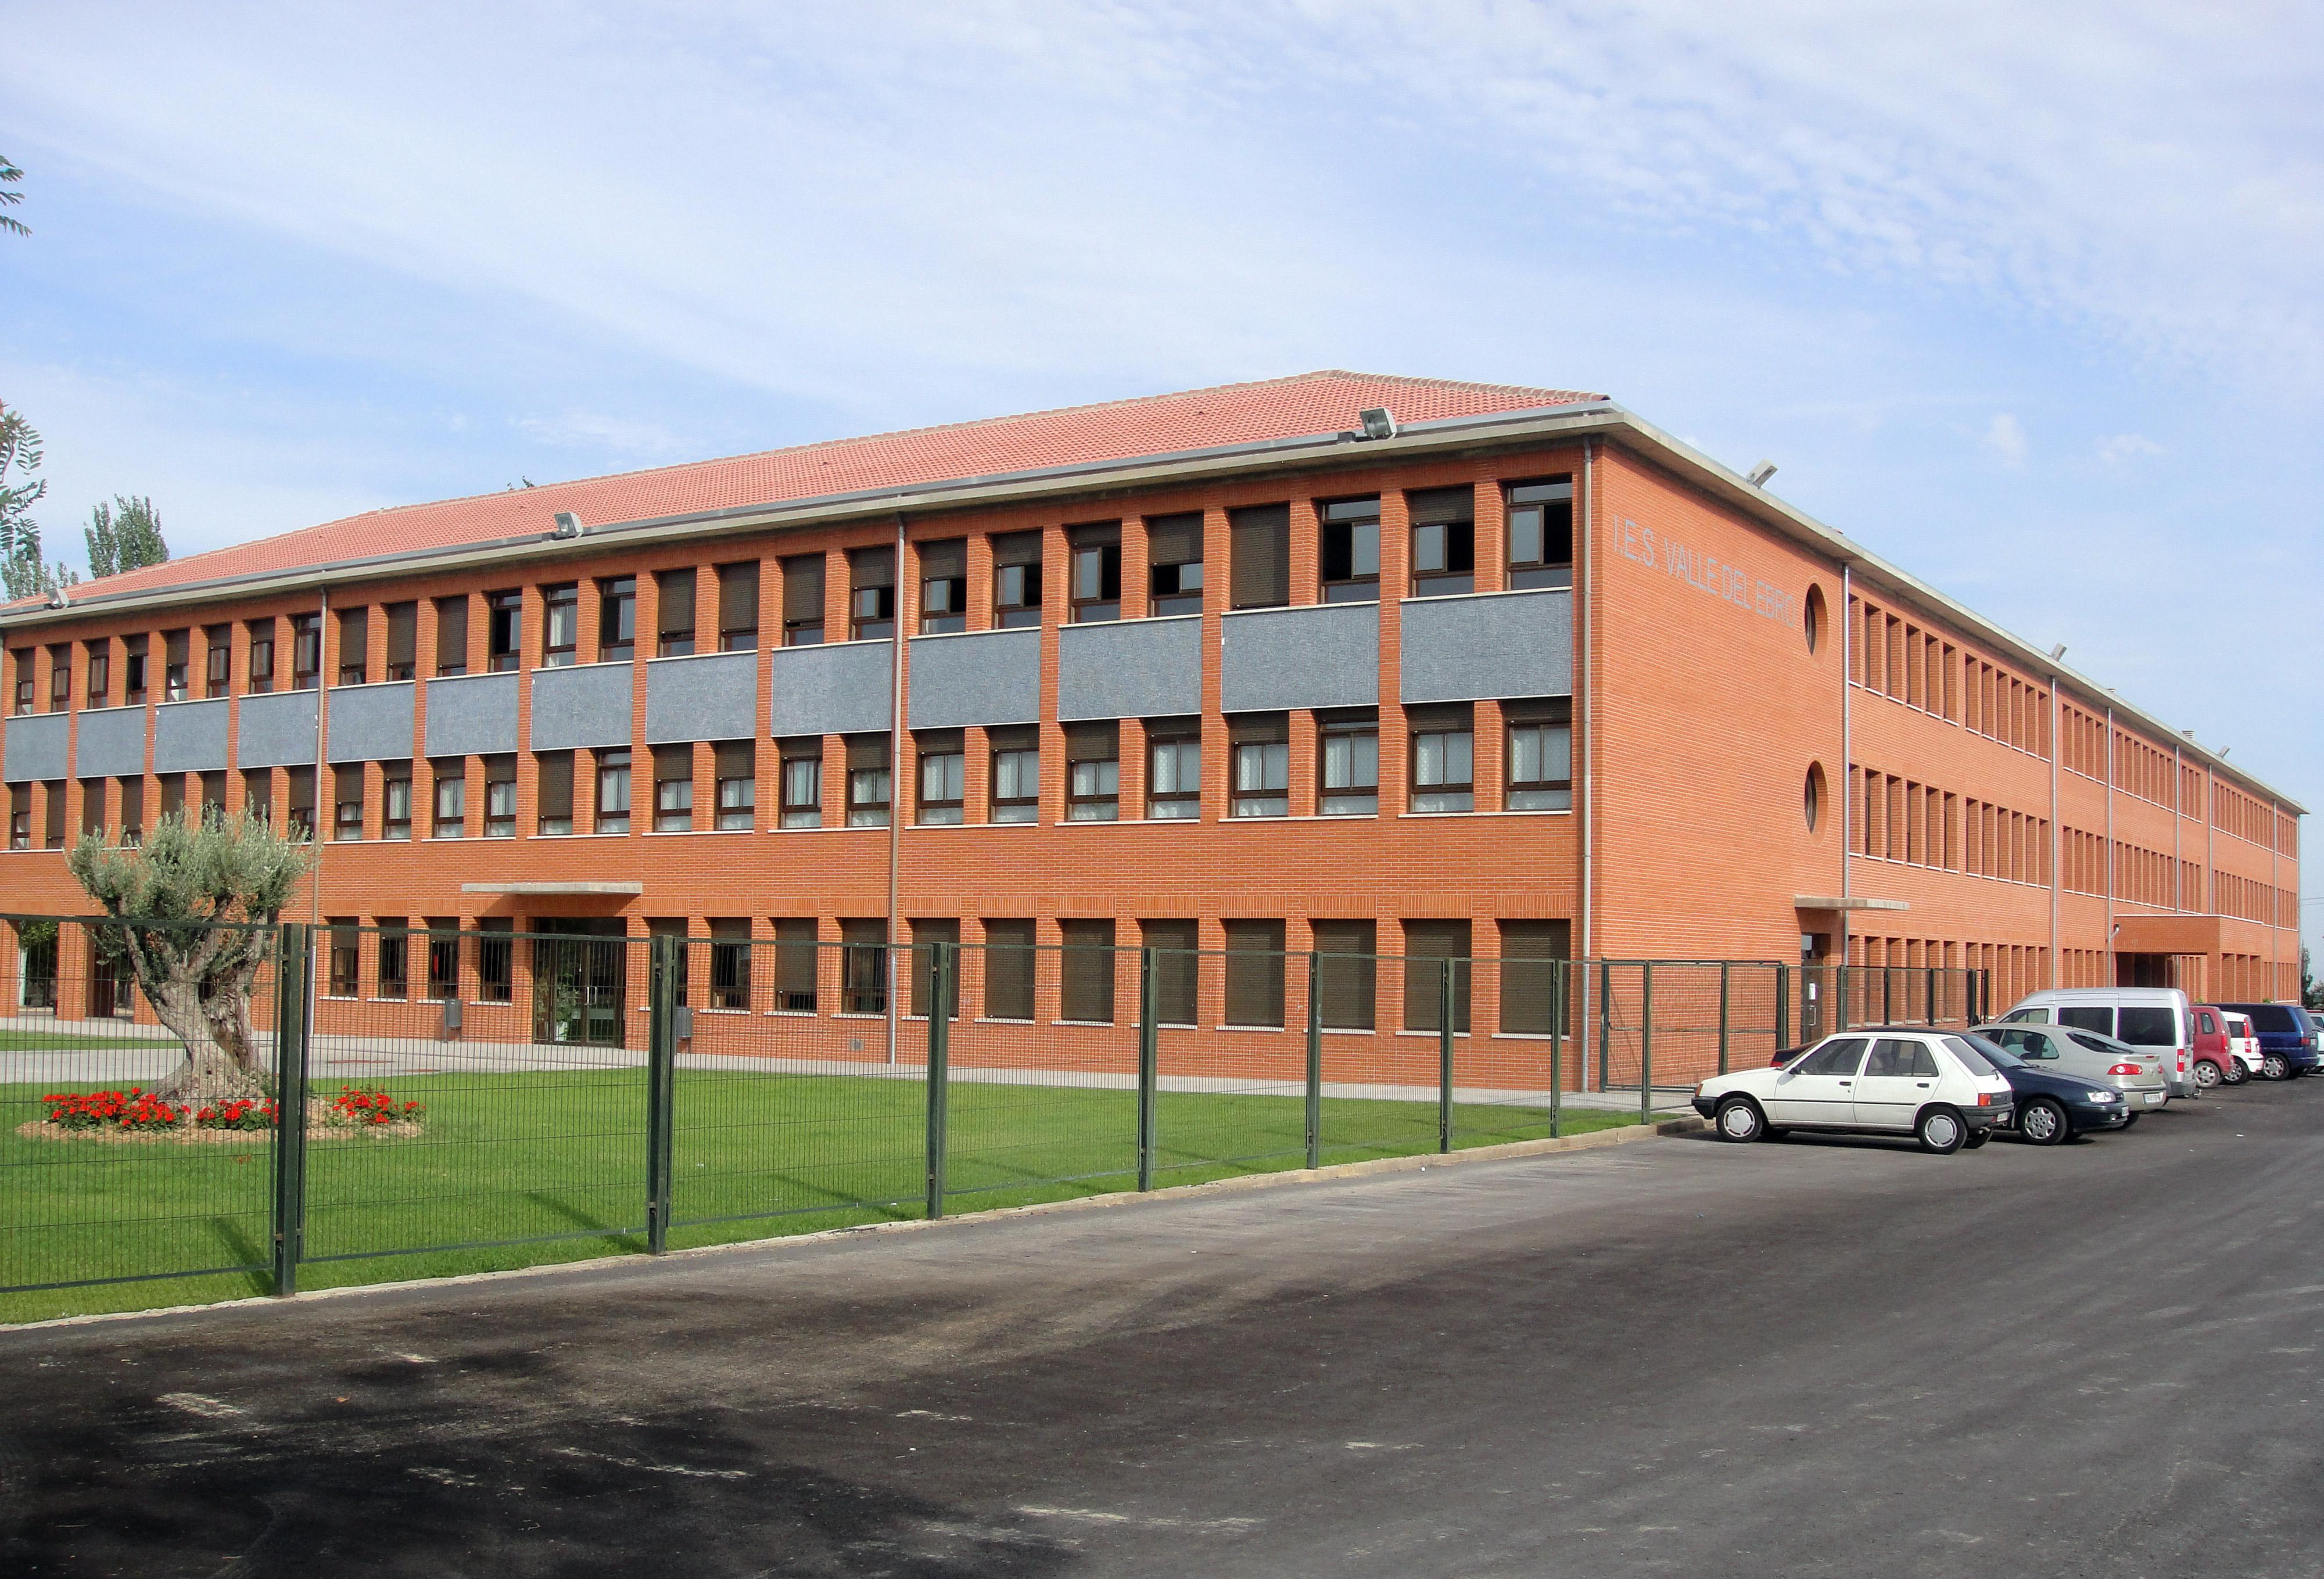 Adjudicadas A Riovalle Obras En Varios Centros Educativos De Navarra